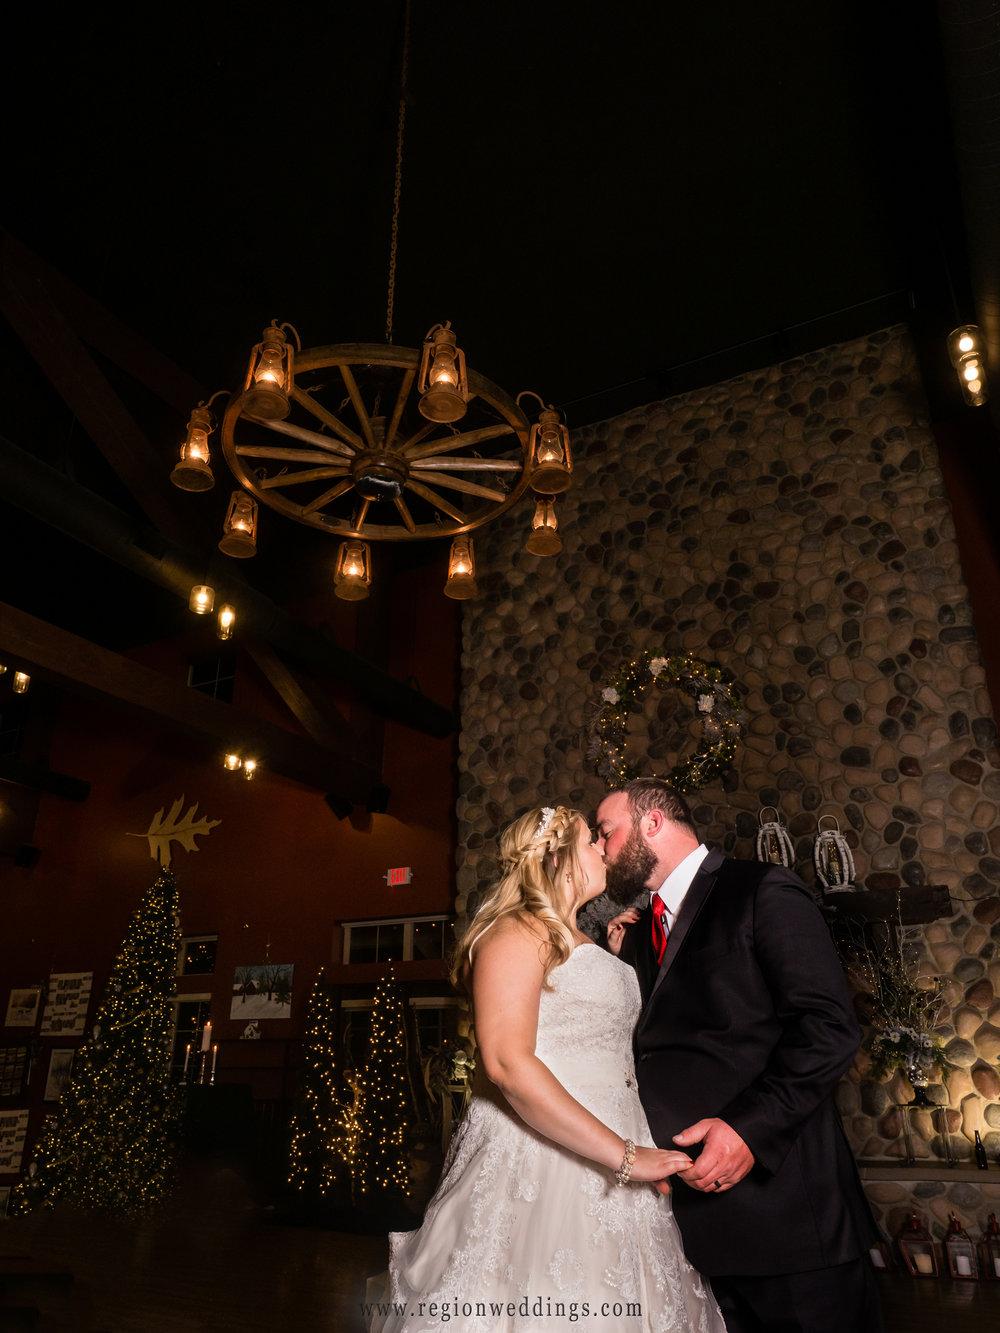 The bride and groom share a kiss in the ballroom at Fair Oaks Farmhouse.